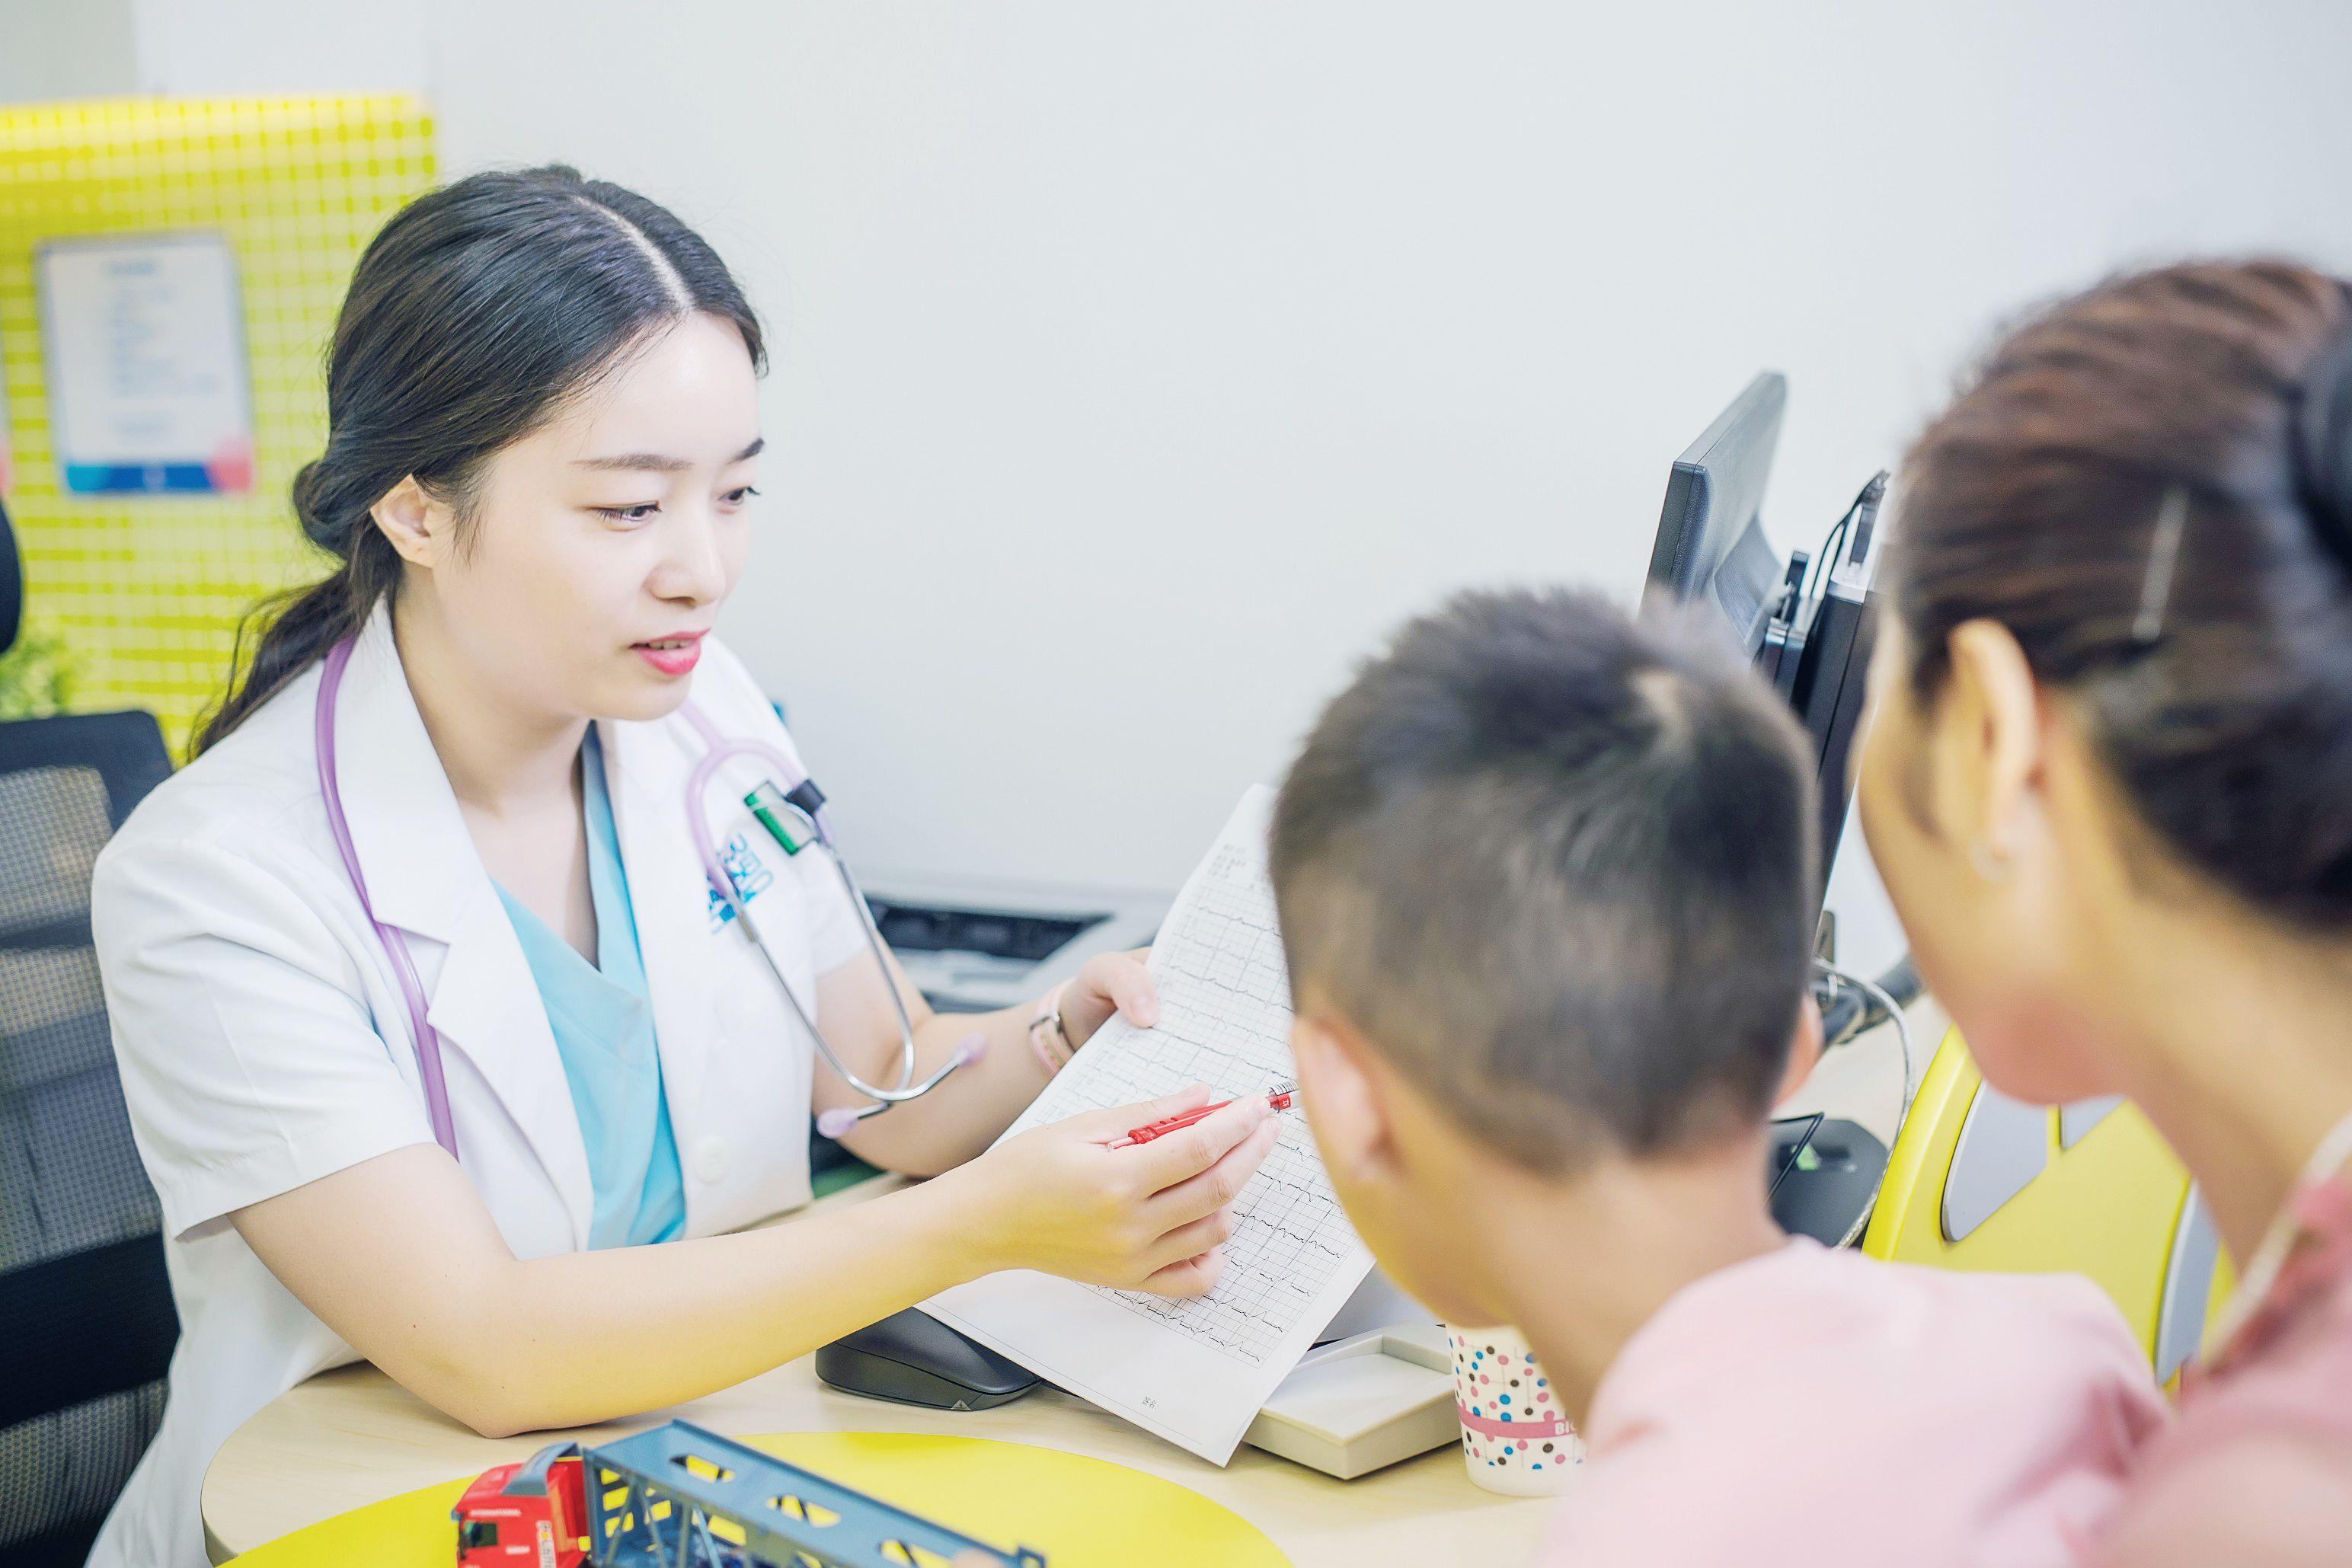 龙湖集团21.6亿元收购大股东智能科技、妇儿医疗资产组合